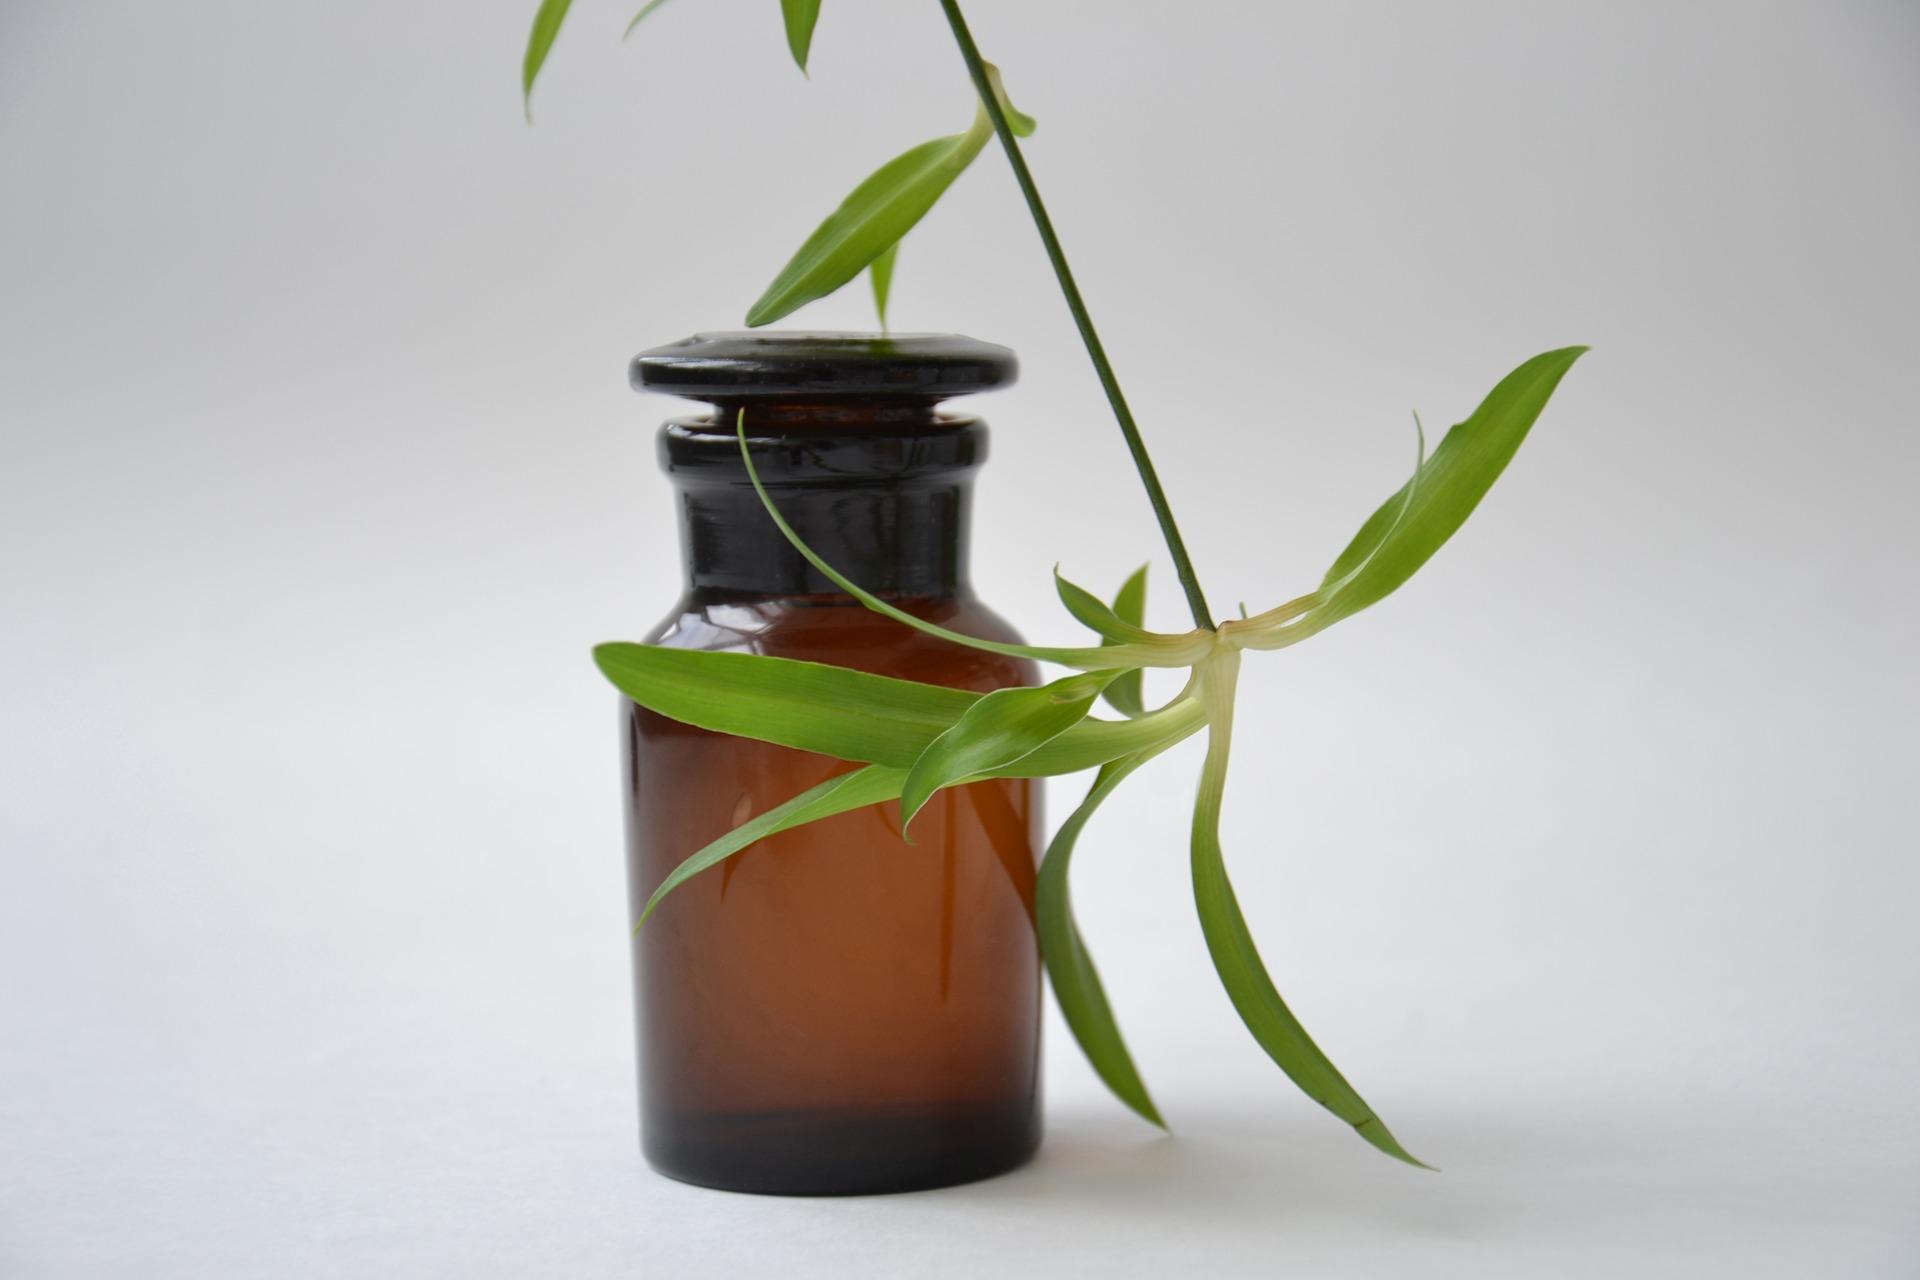 Brytyjski producent naturalnych kosmetyków do pielęgnacji włosów nawiąże współpracę z dystrybutorami i innymi producentami